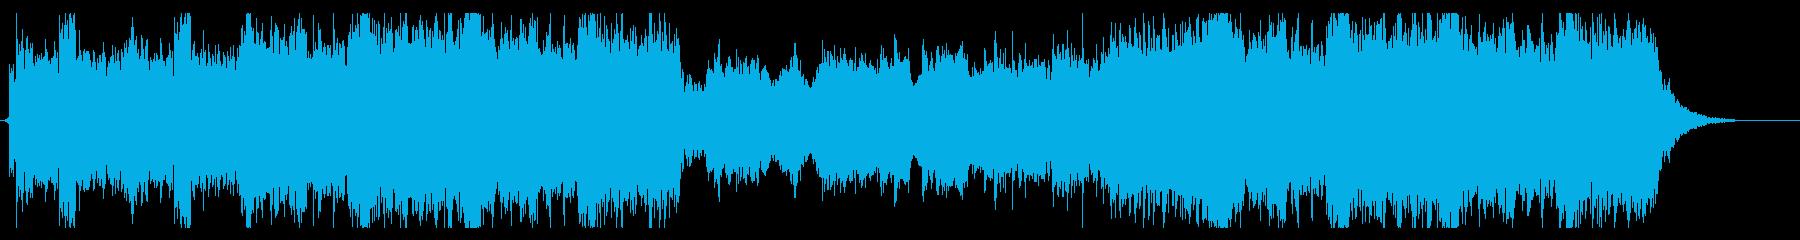 ホルンが壮大で堂々とした曲の再生済みの波形